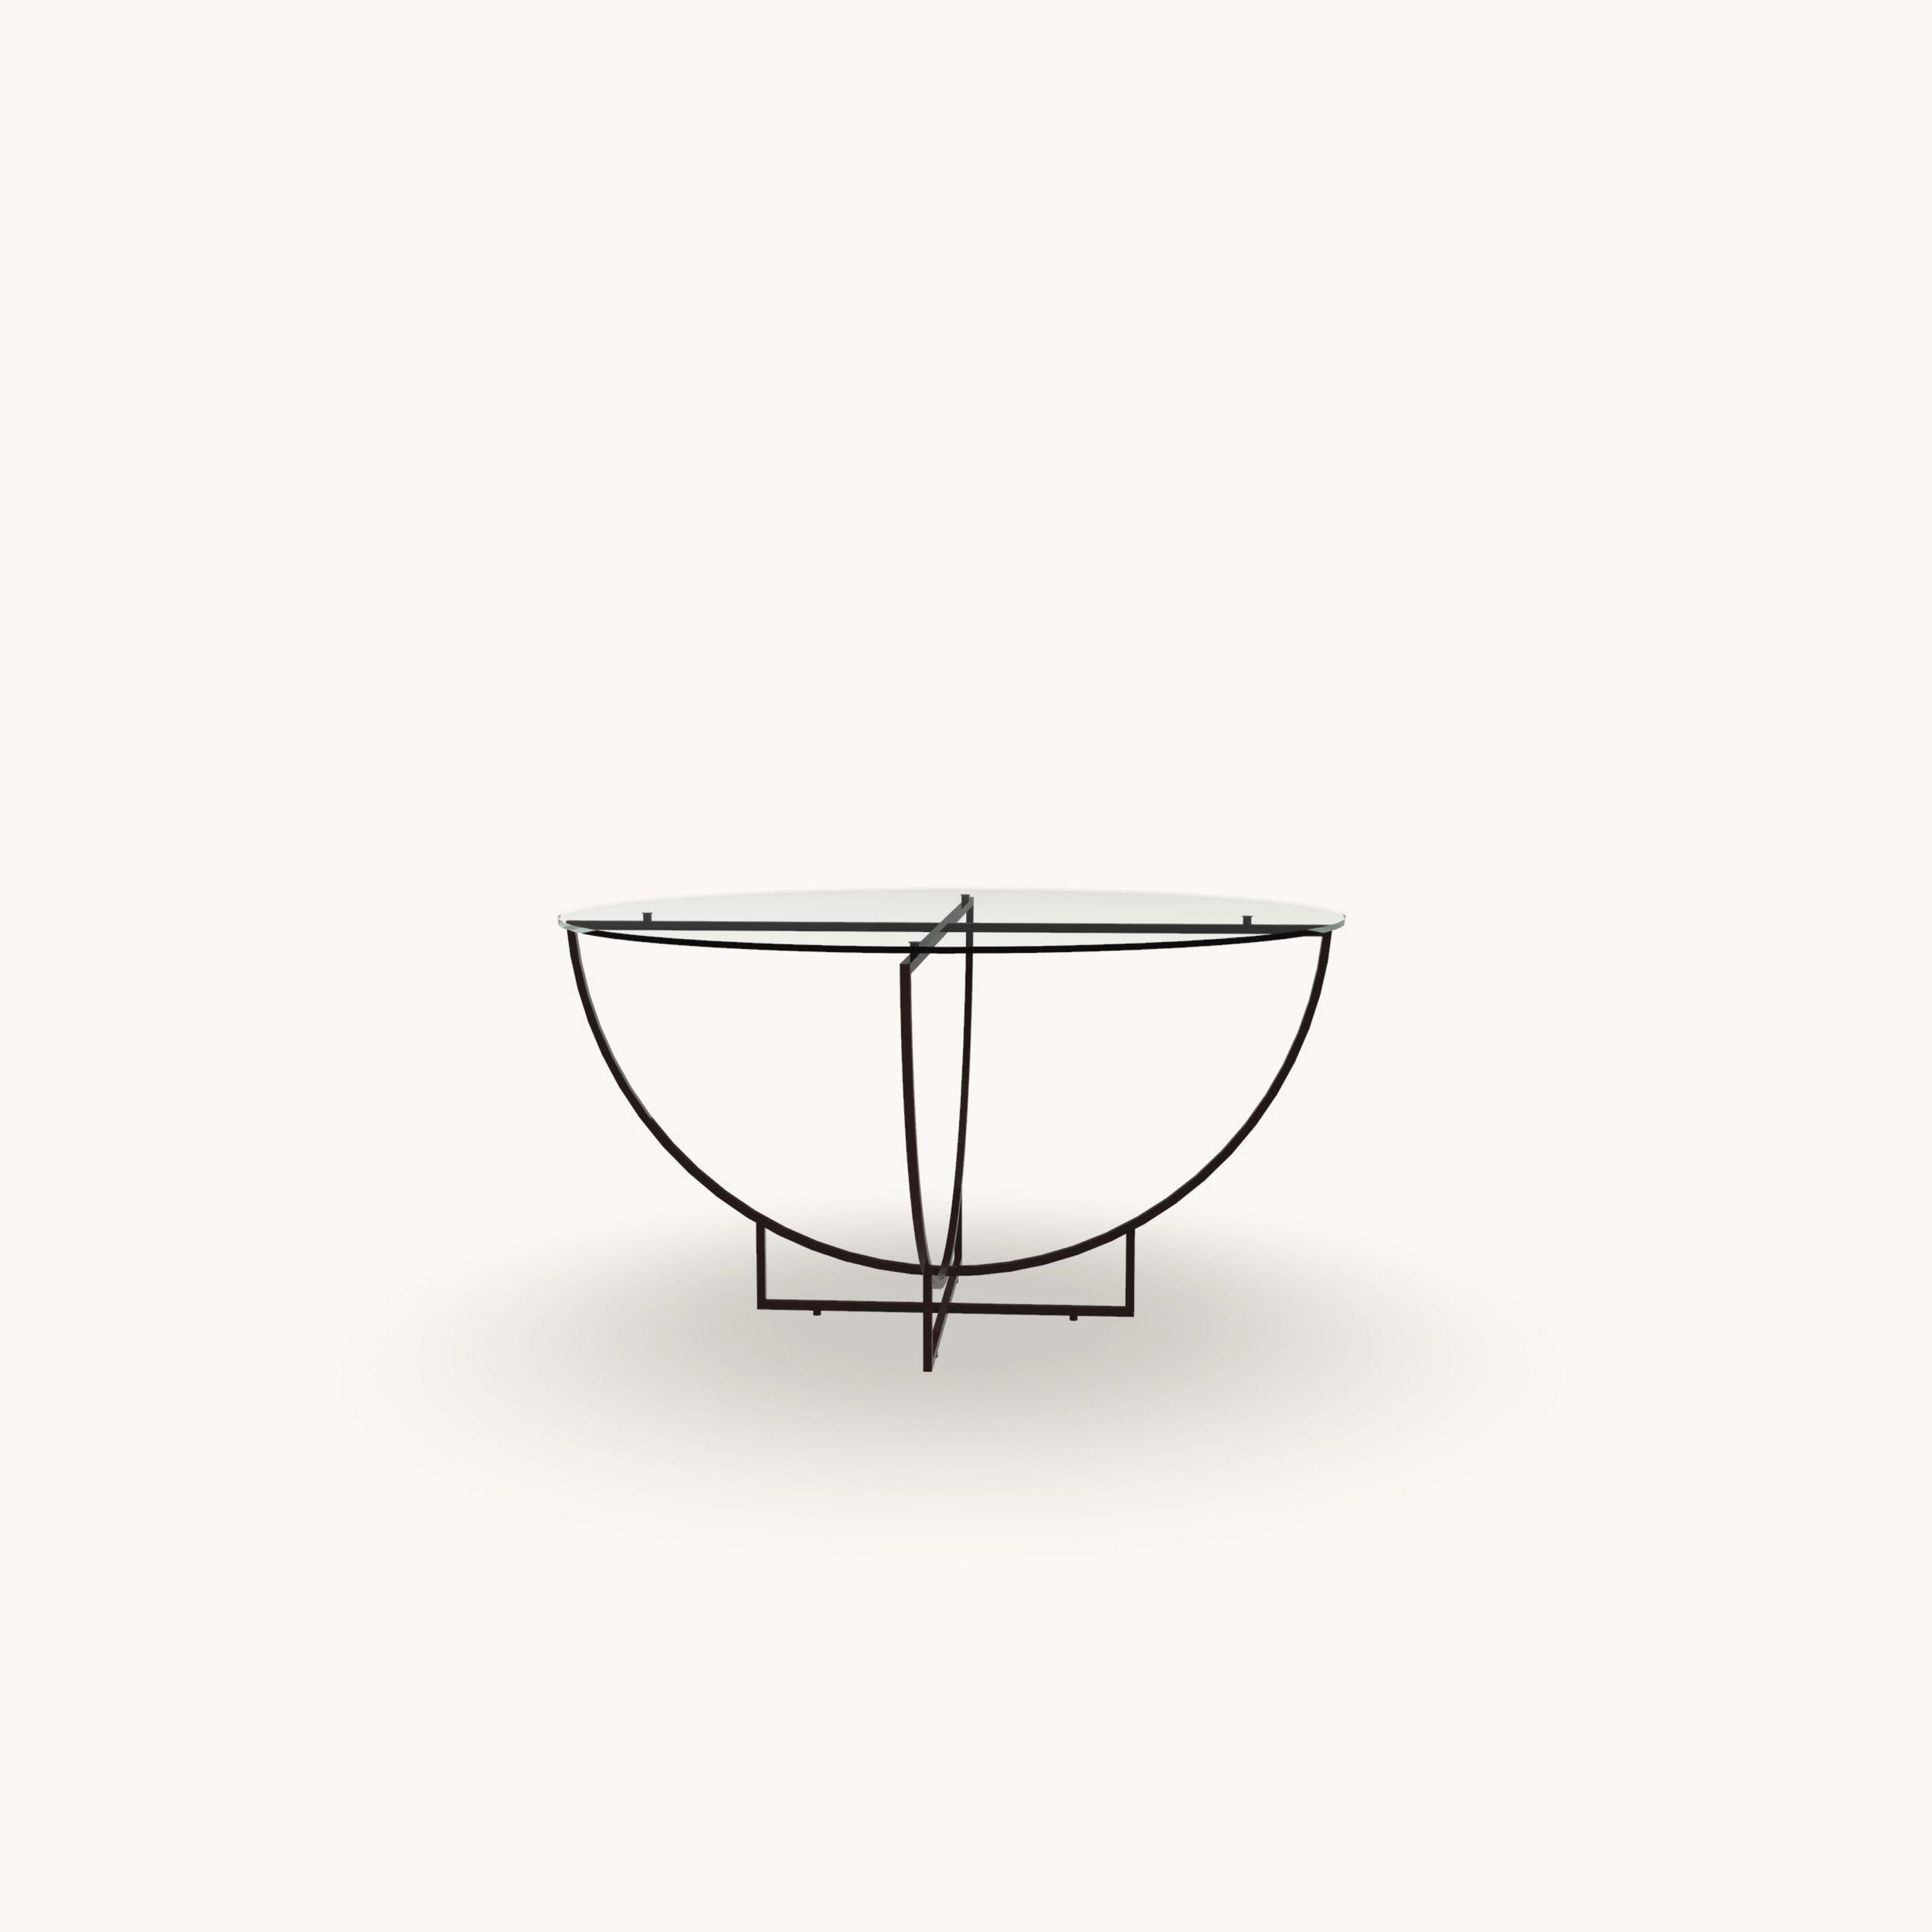 COFFEE TABLE. RO - DKK 11.900 · EUR 1600